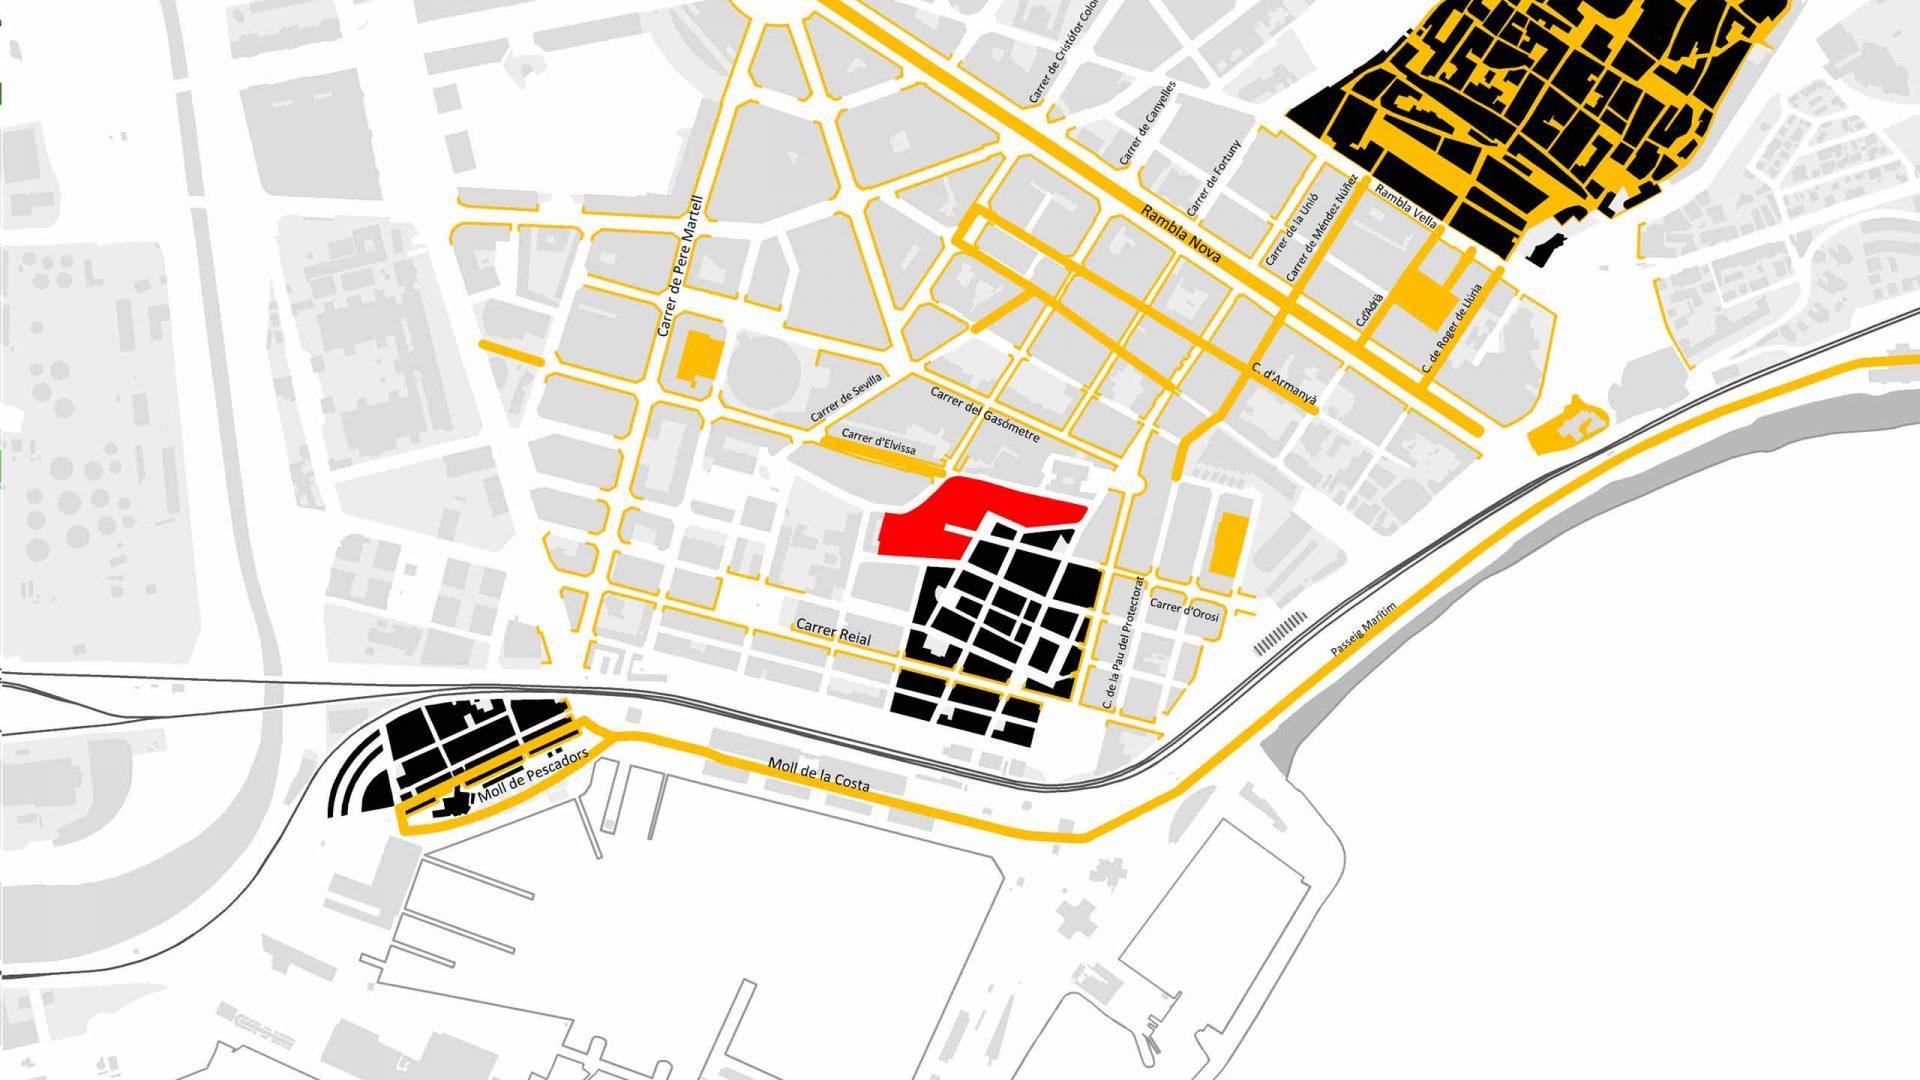 Eixos cívics i de prioritat per al vianant a Tarragona